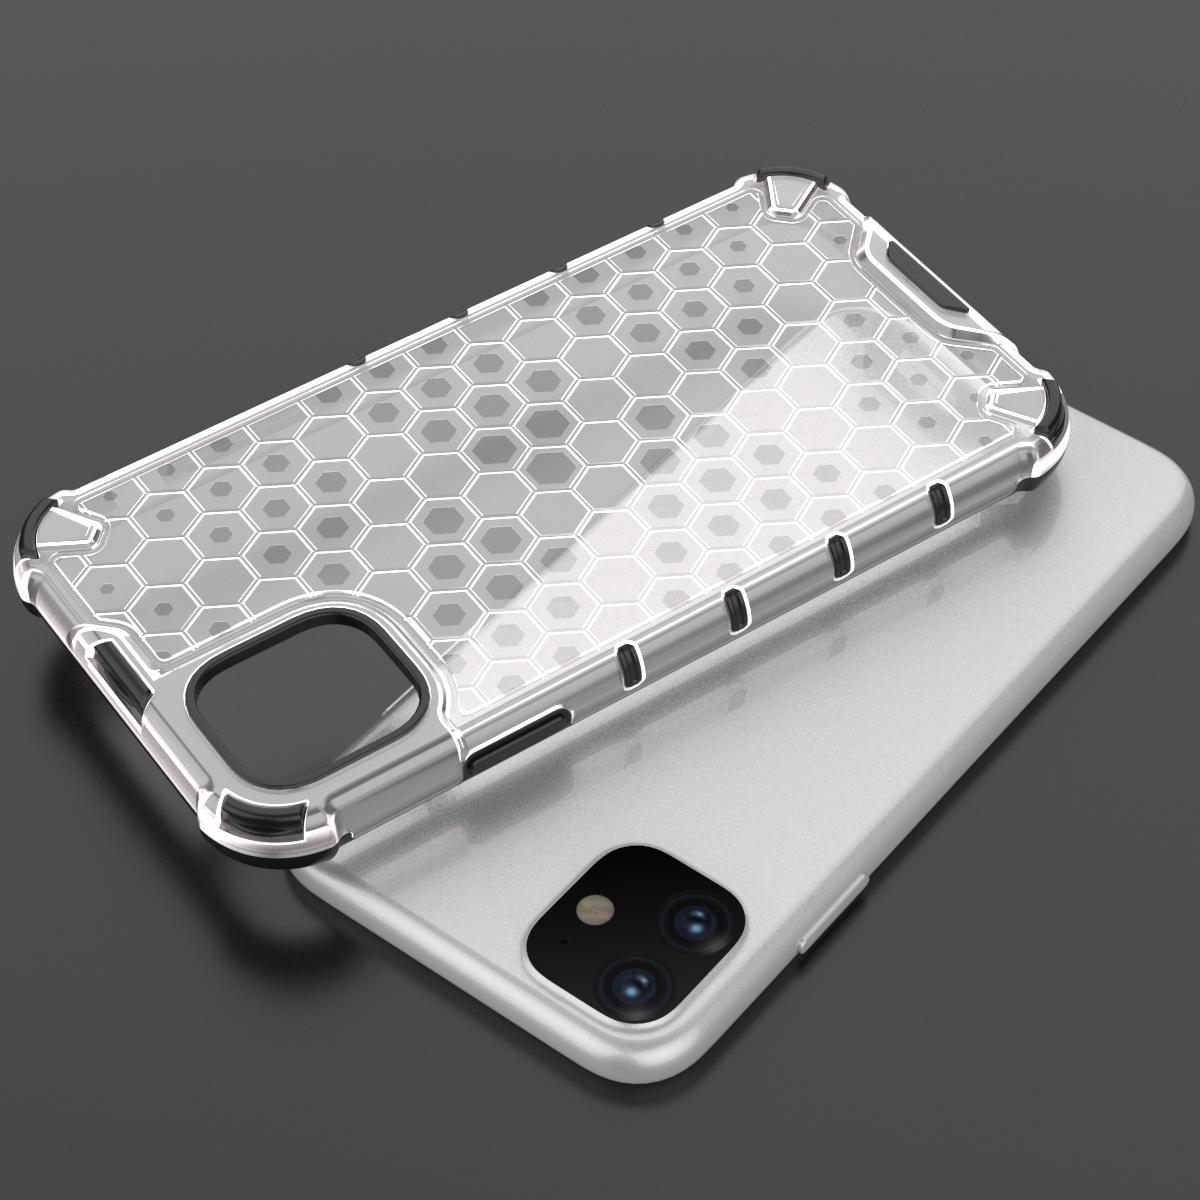 Прозрачный чехол на iPhone 11 от Caseport, серия Honey